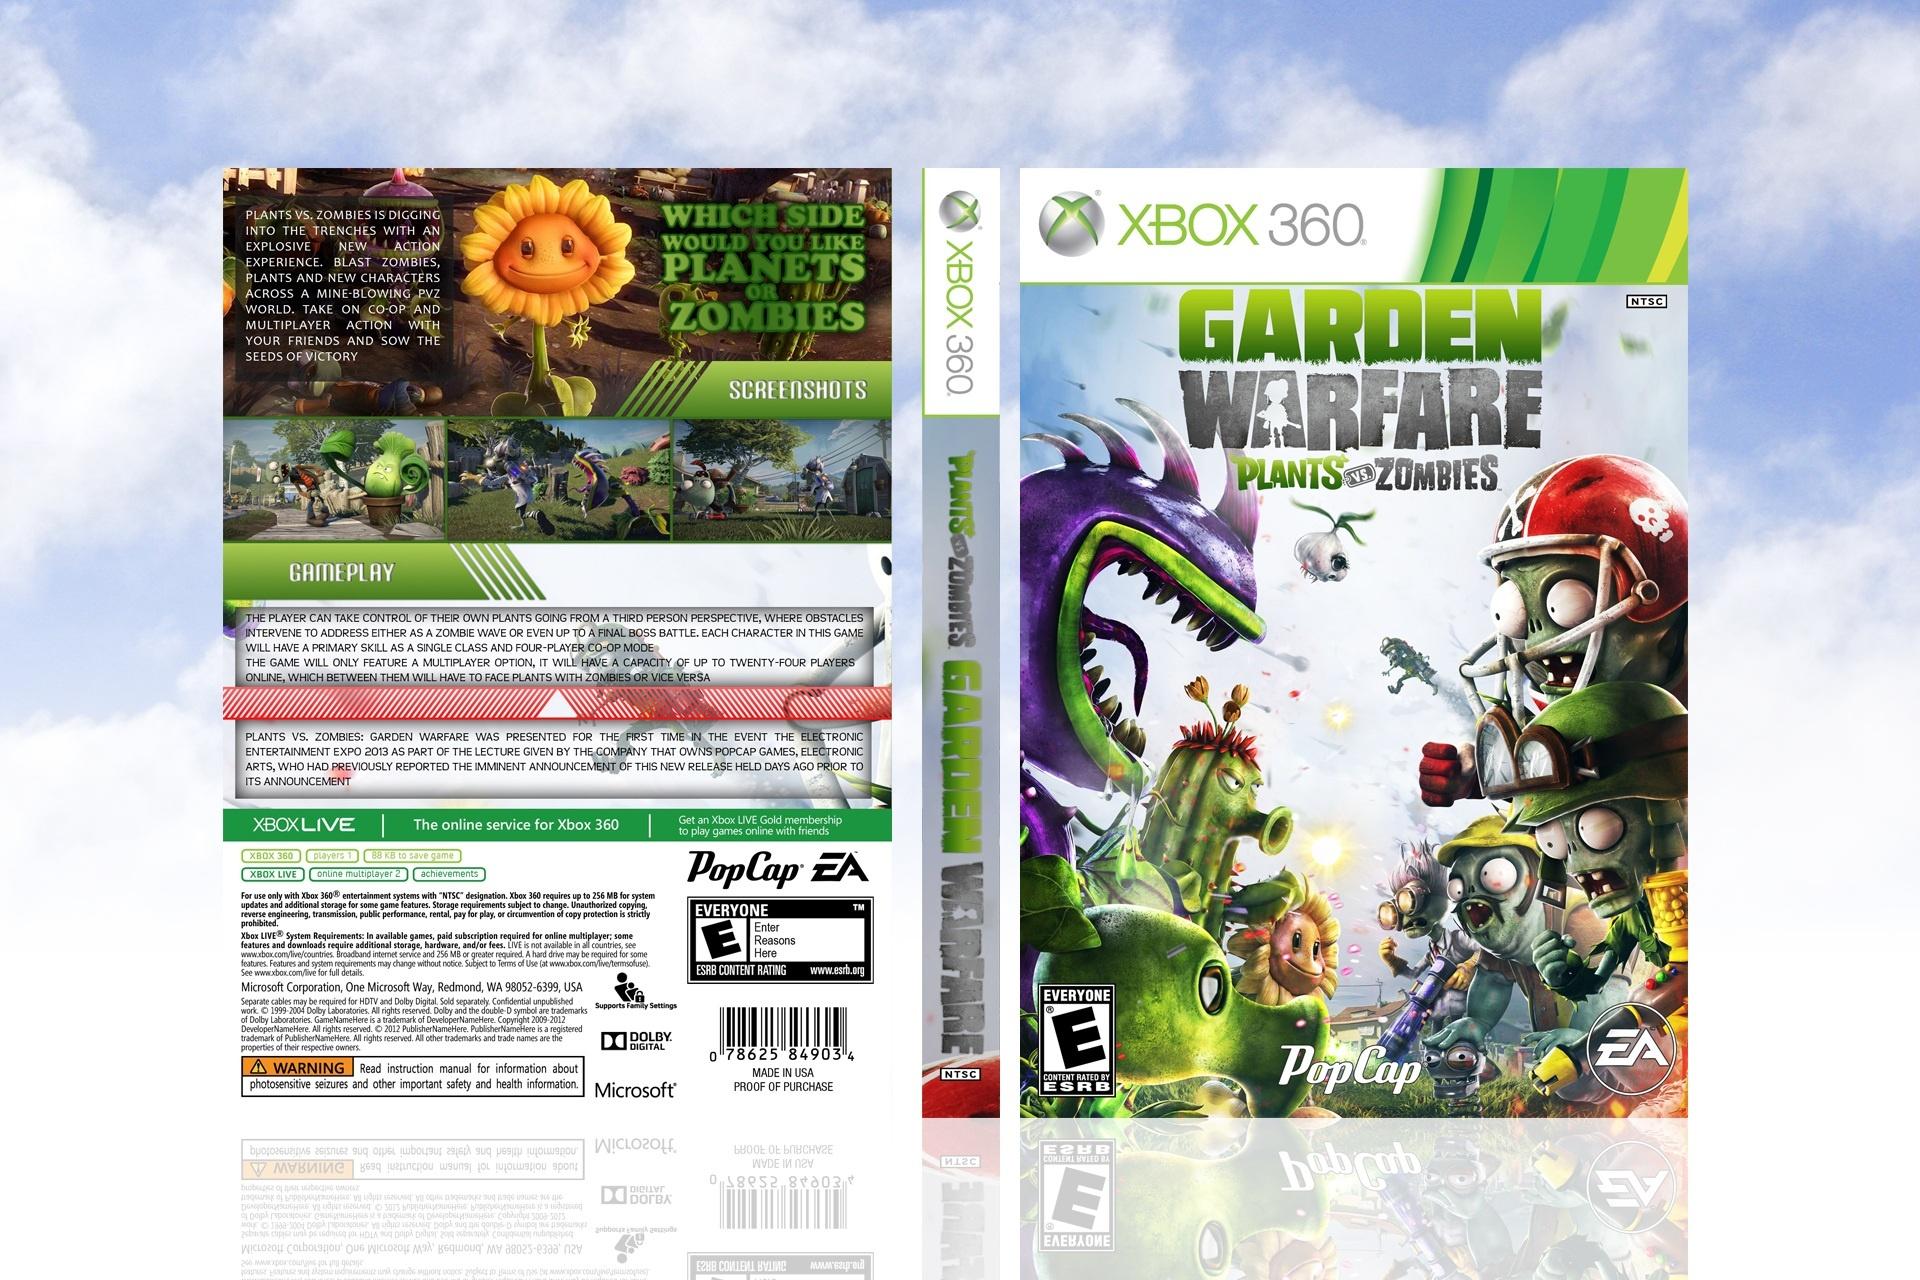 Plants VS. Zombies: Garden Warfare Box Cover.